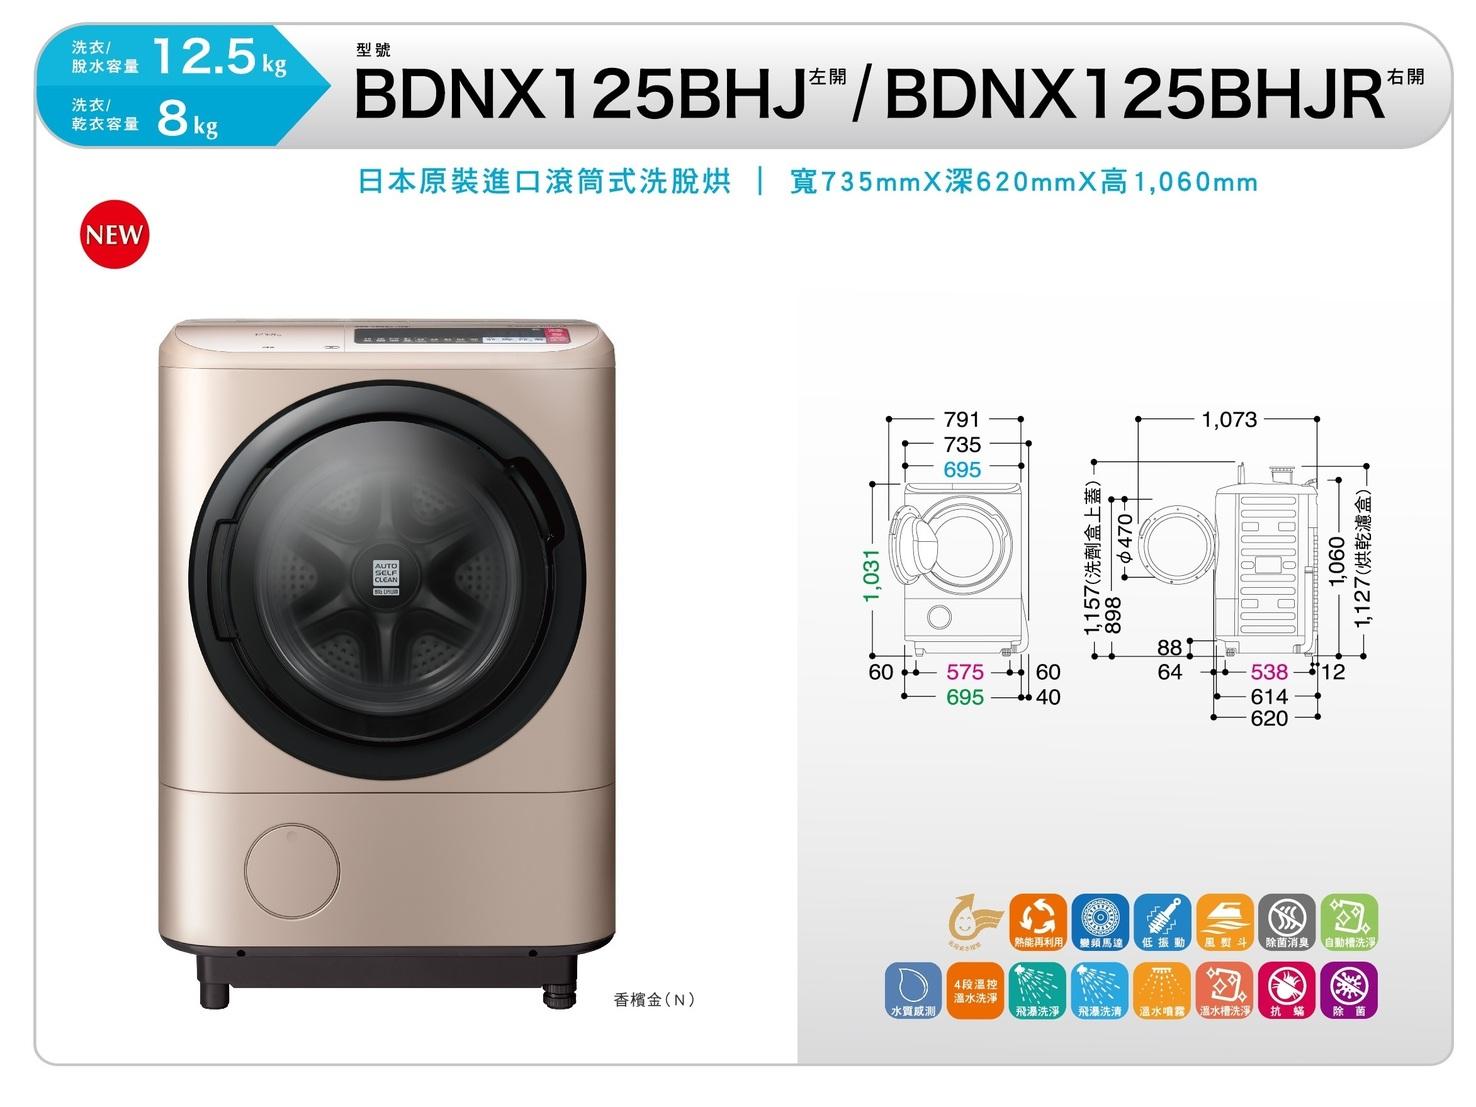 HITACHI 日立 BDNX125BHJ  洗衣機 12.5kg  溫風除菌 高溫抗蟎